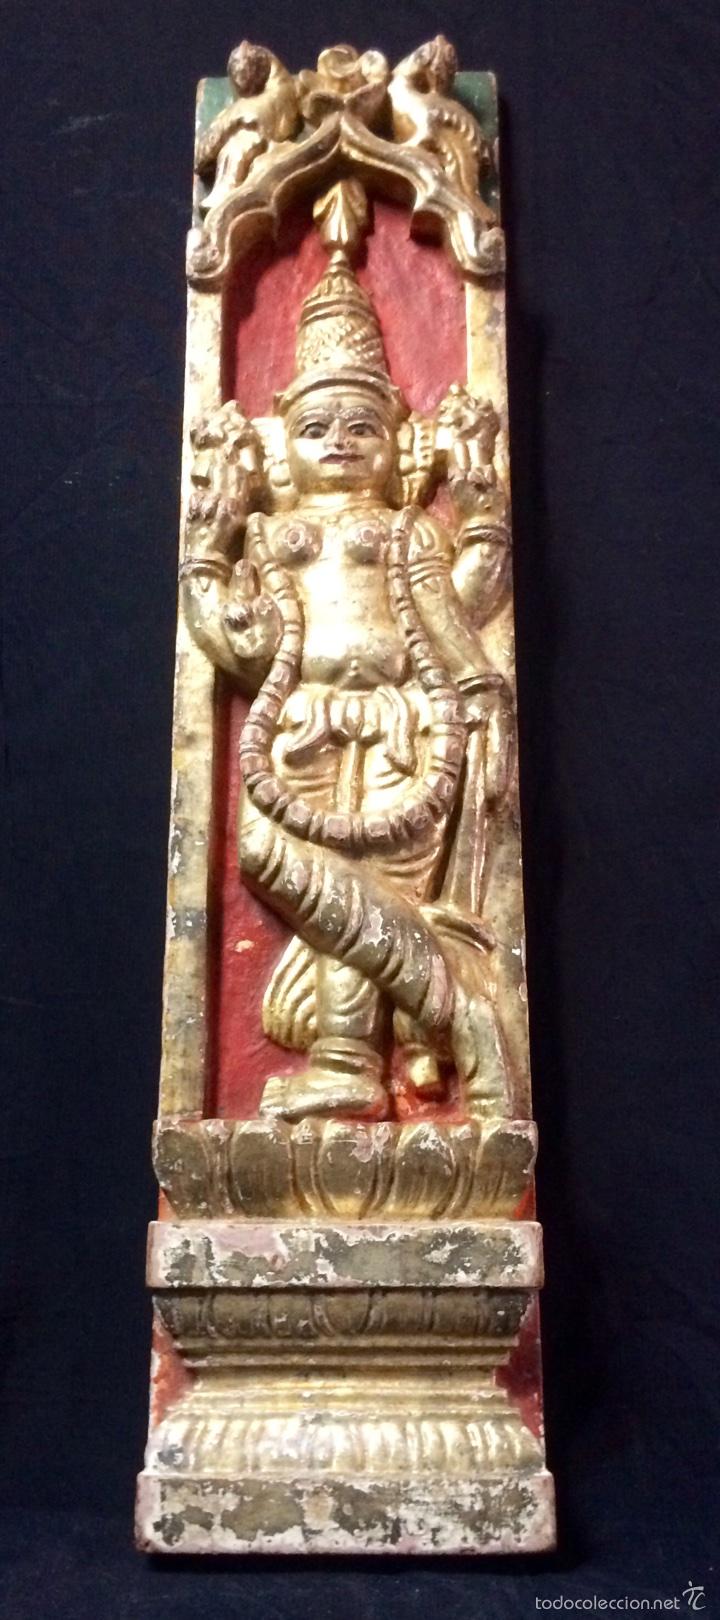 Arte: Tallas en altorelieve orientales, principios siglo XX. - Foto 9 - 66341313